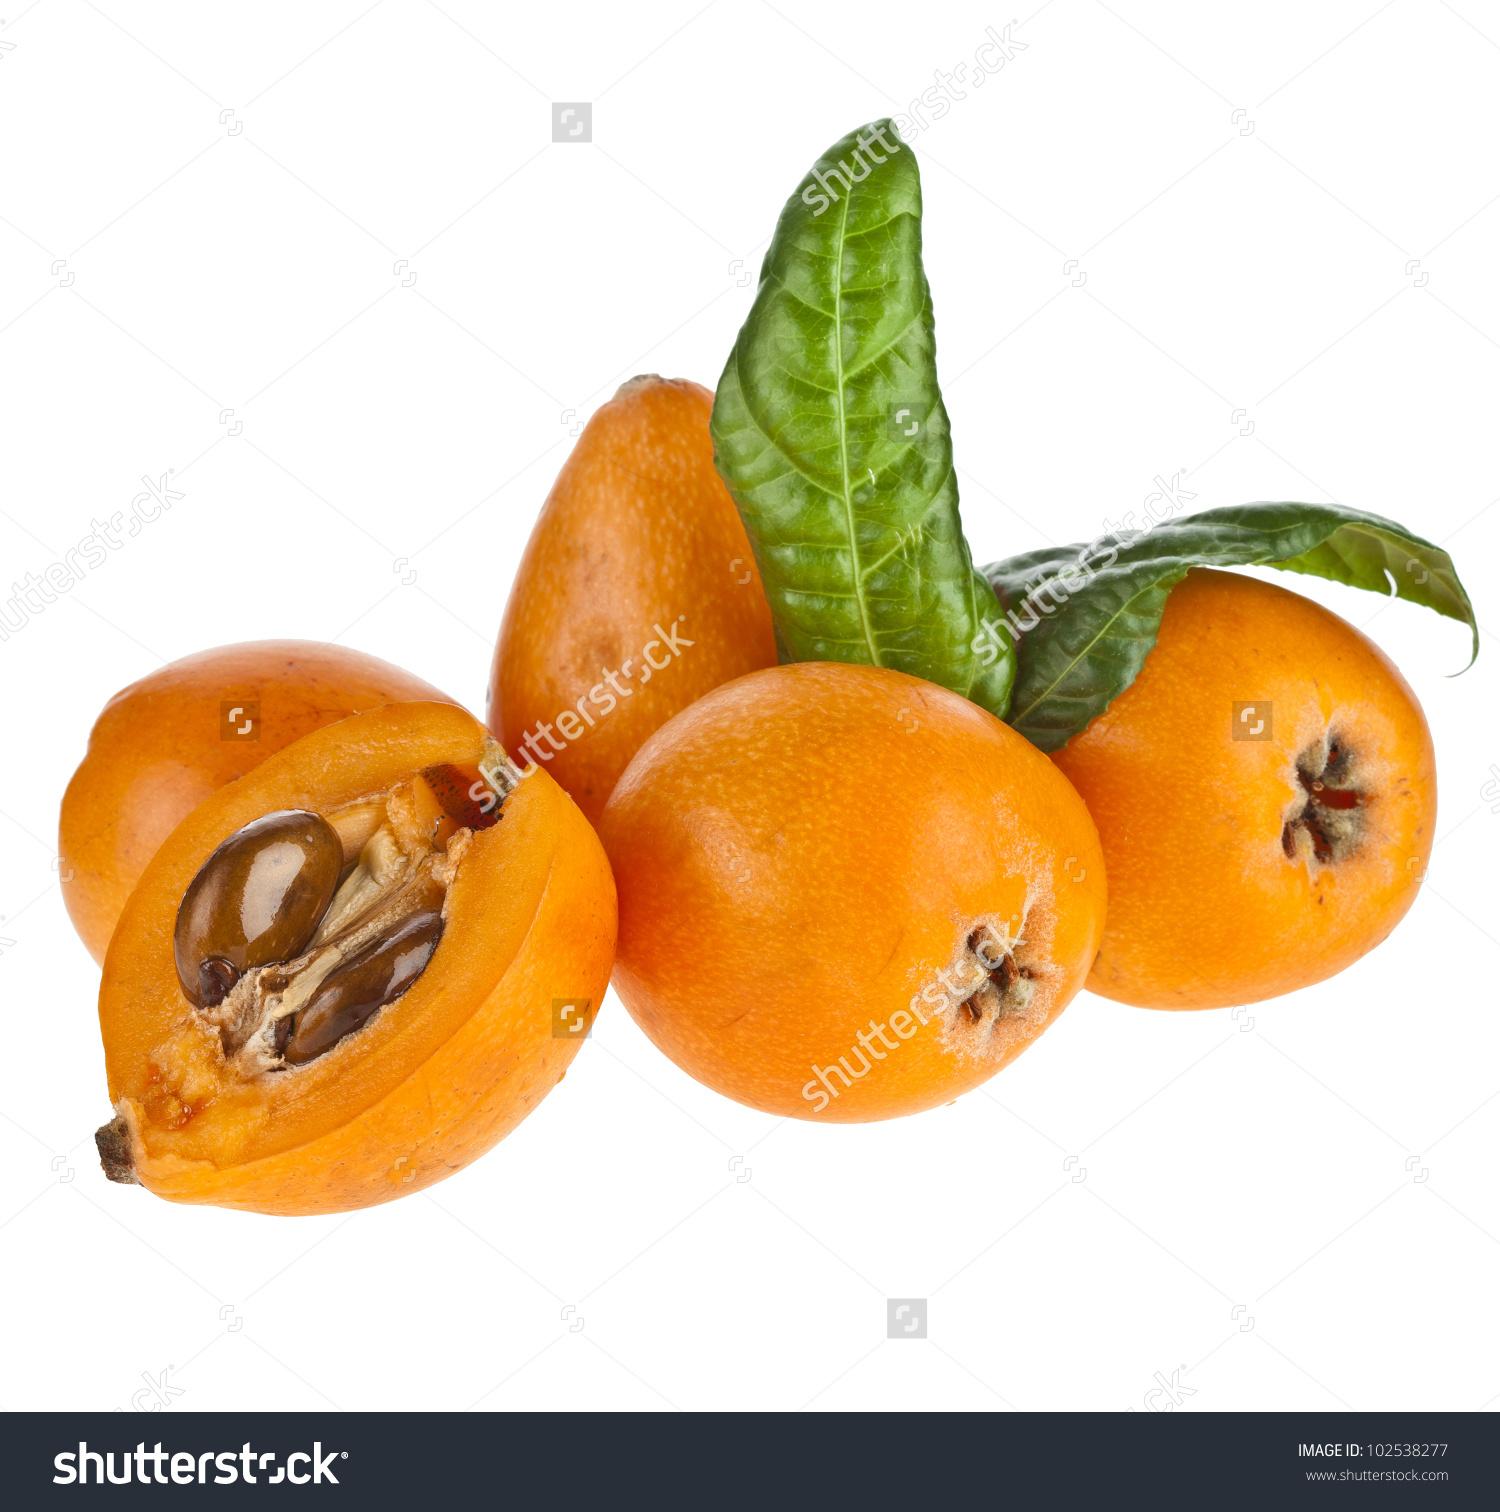 Loquat Medlar Fruit Isolated On White Stock Photo 102538277.